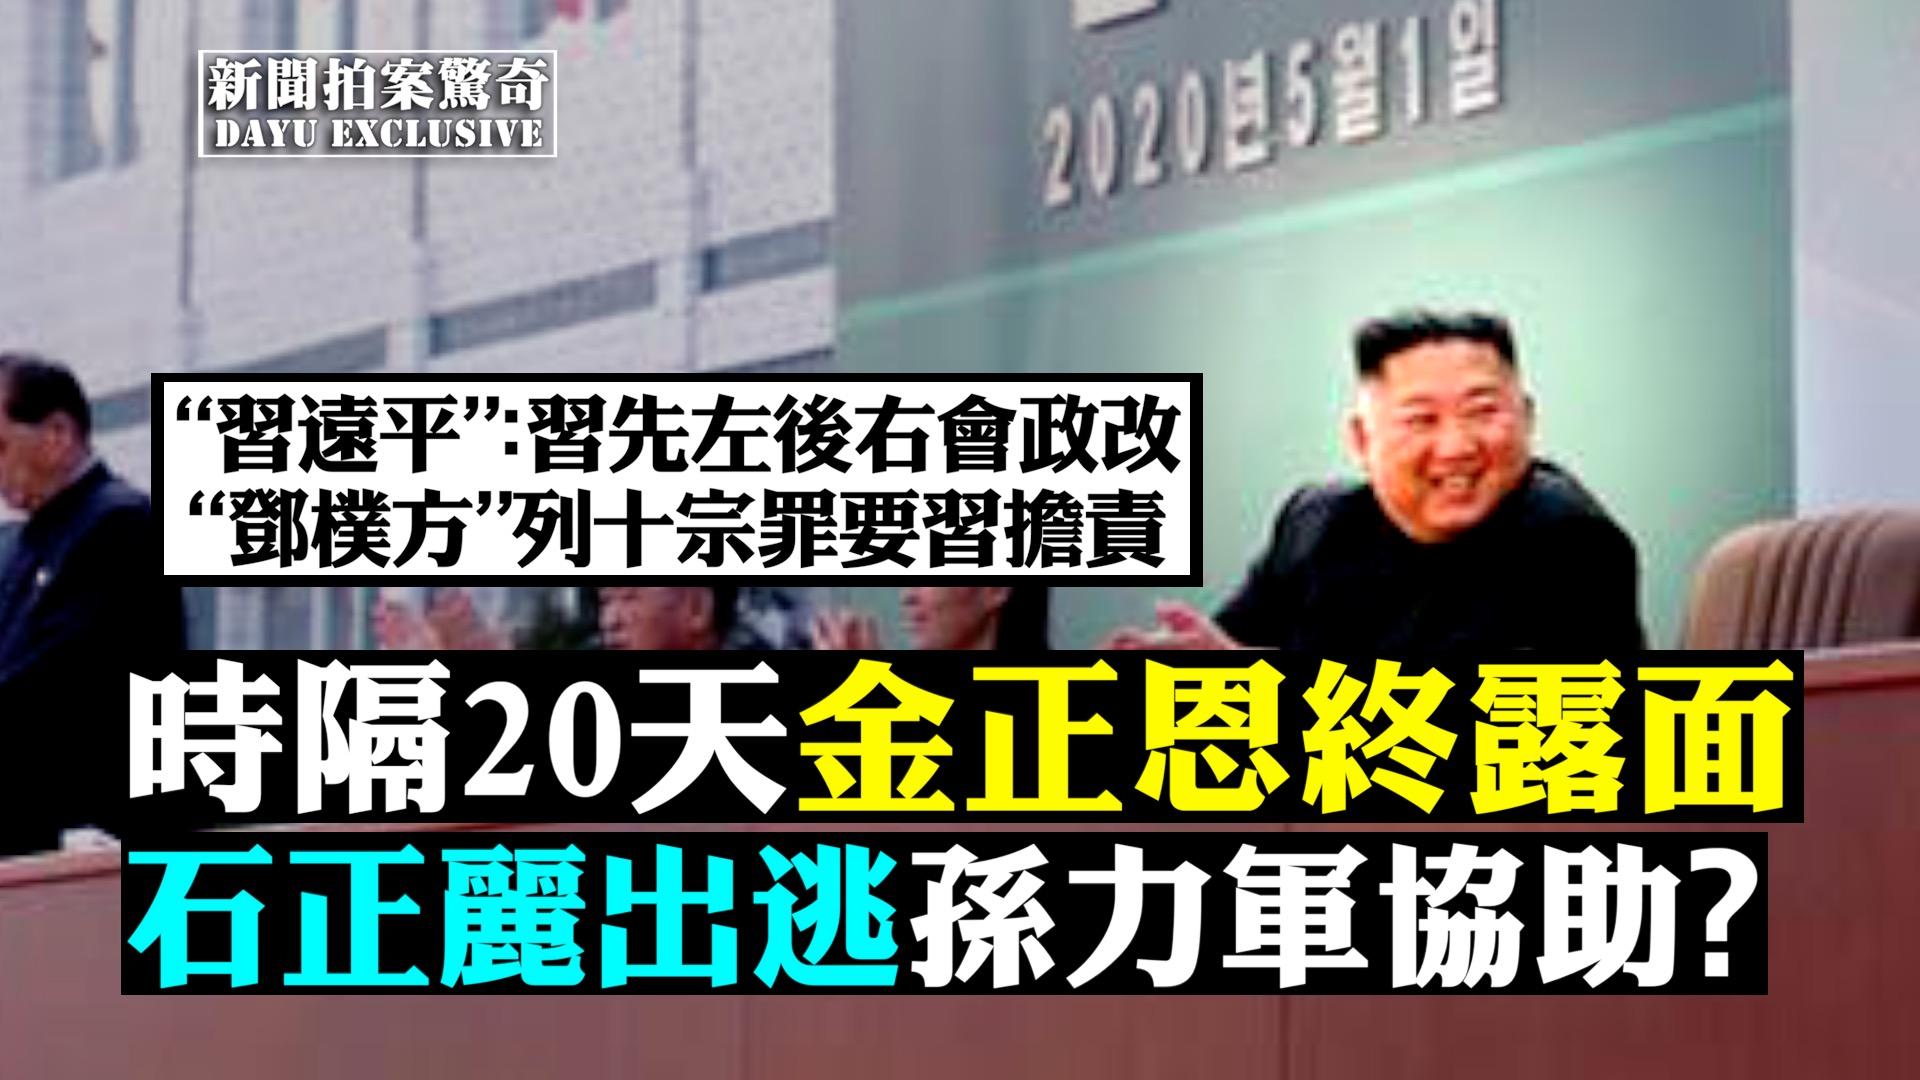 【拍案驚奇】朝媒報金正恩現身 習家鄧家對嗆?